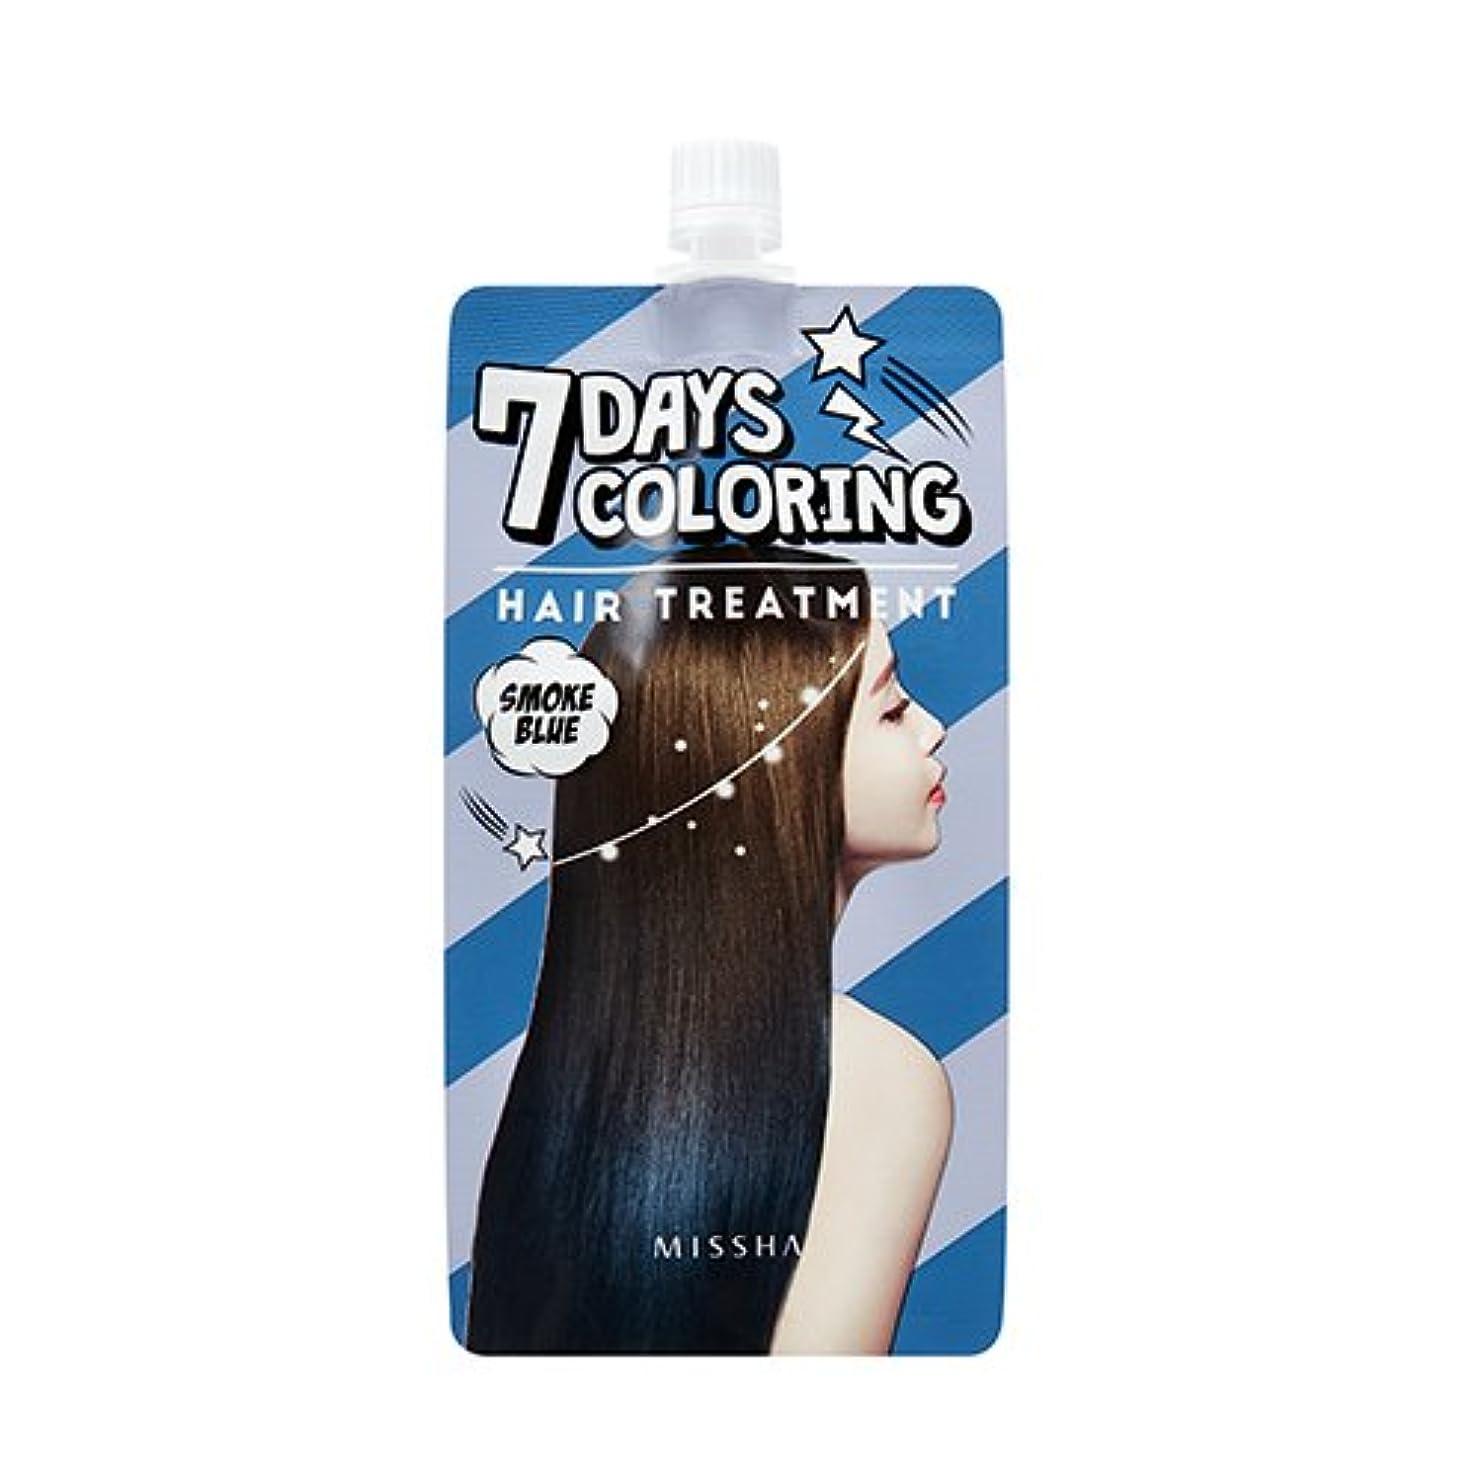 一貫性のない動くモンスターMISSHA 7 Days Coloring Hair Treatment 25ml/ミシャ 7デイズ カラーリング ヘア トリートメント 25ml (#Smoke Blue) [並行輸入品]